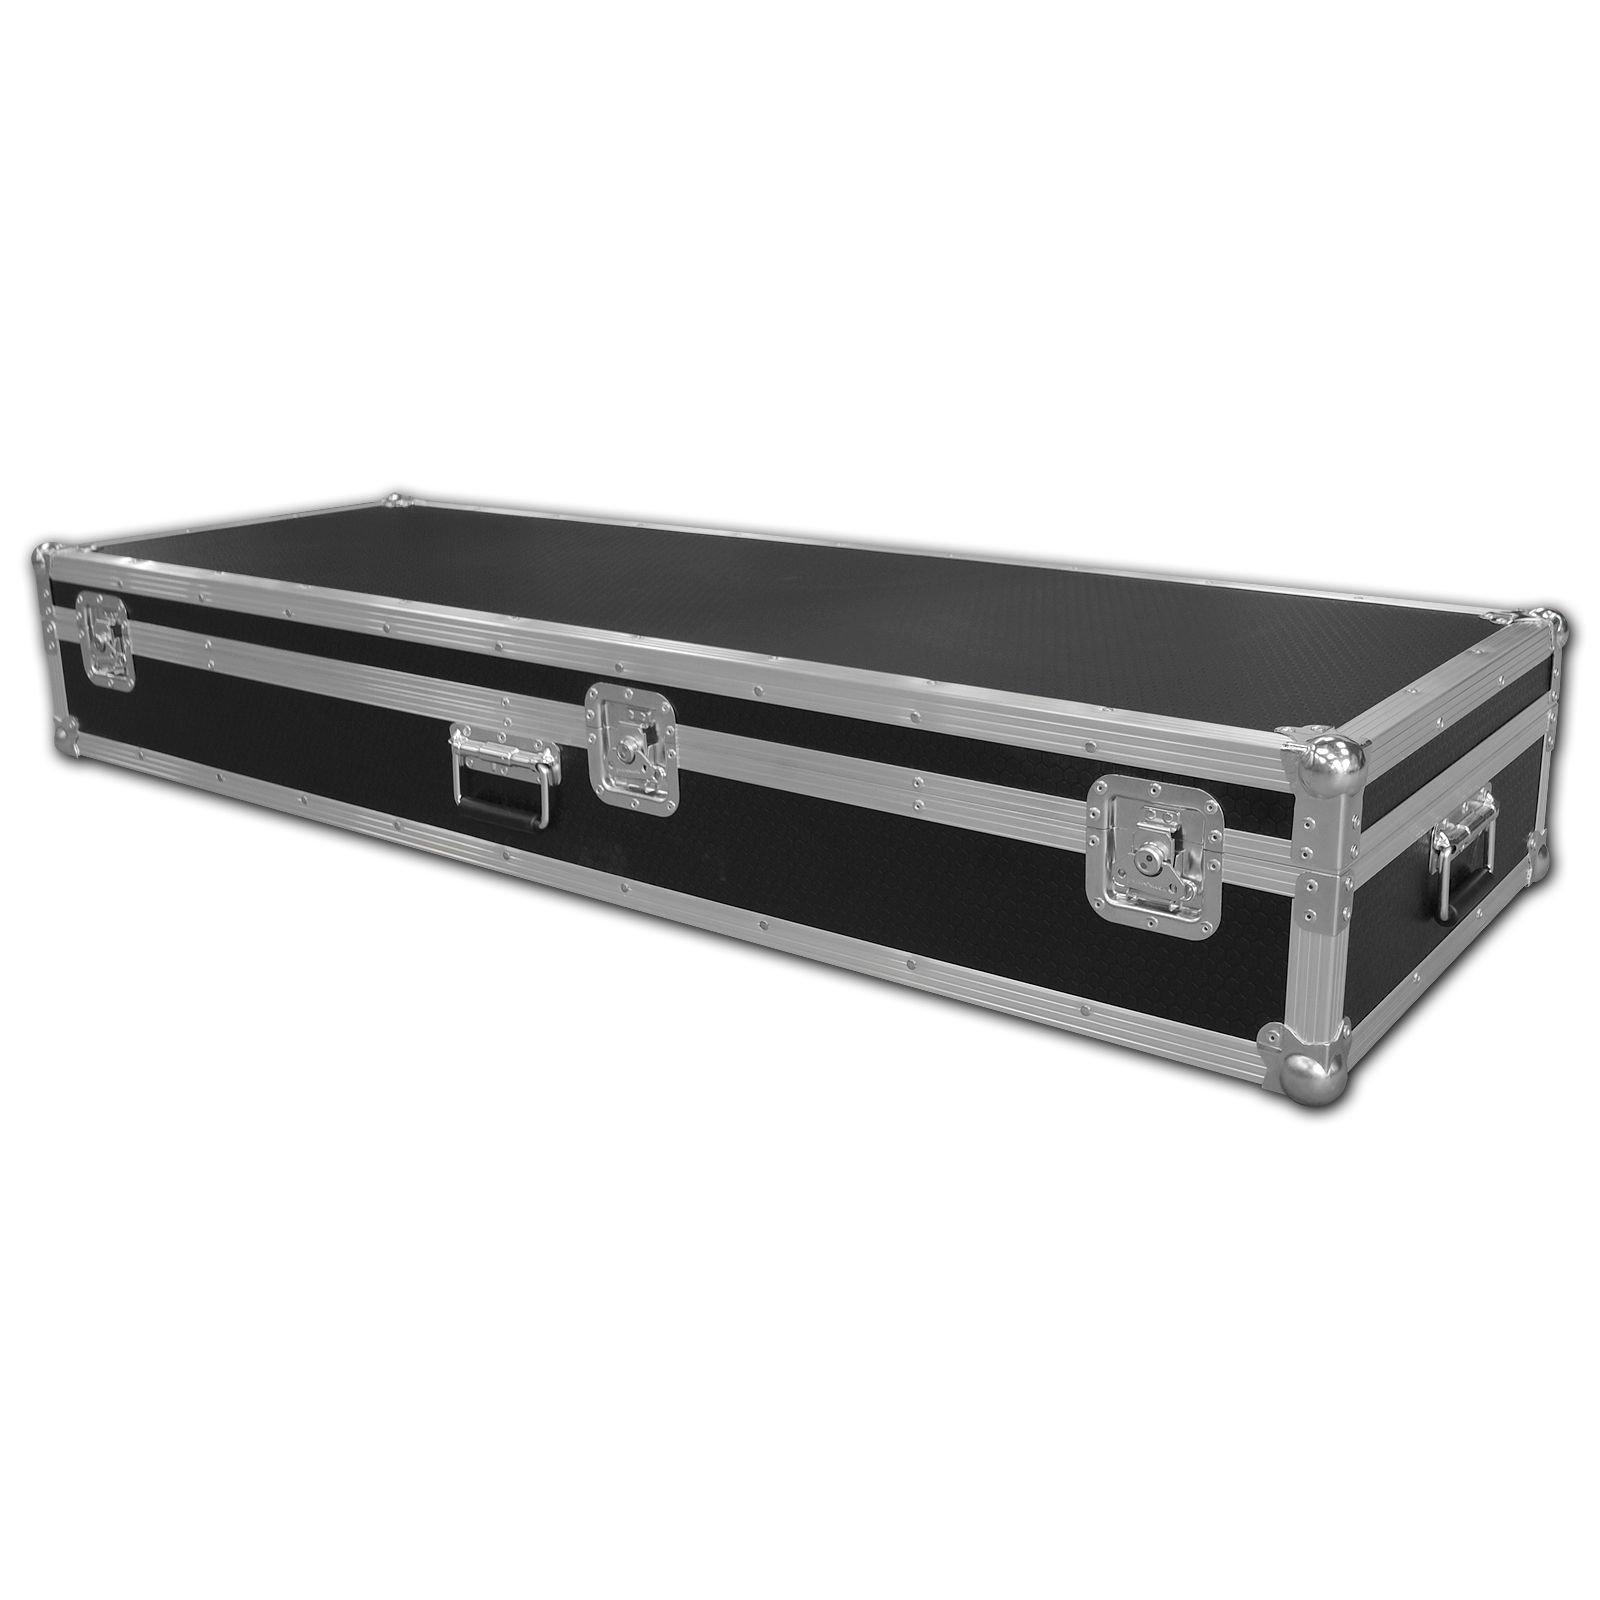 hard keyboard flight case for yamaha xf8. Black Bedroom Furniture Sets. Home Design Ideas